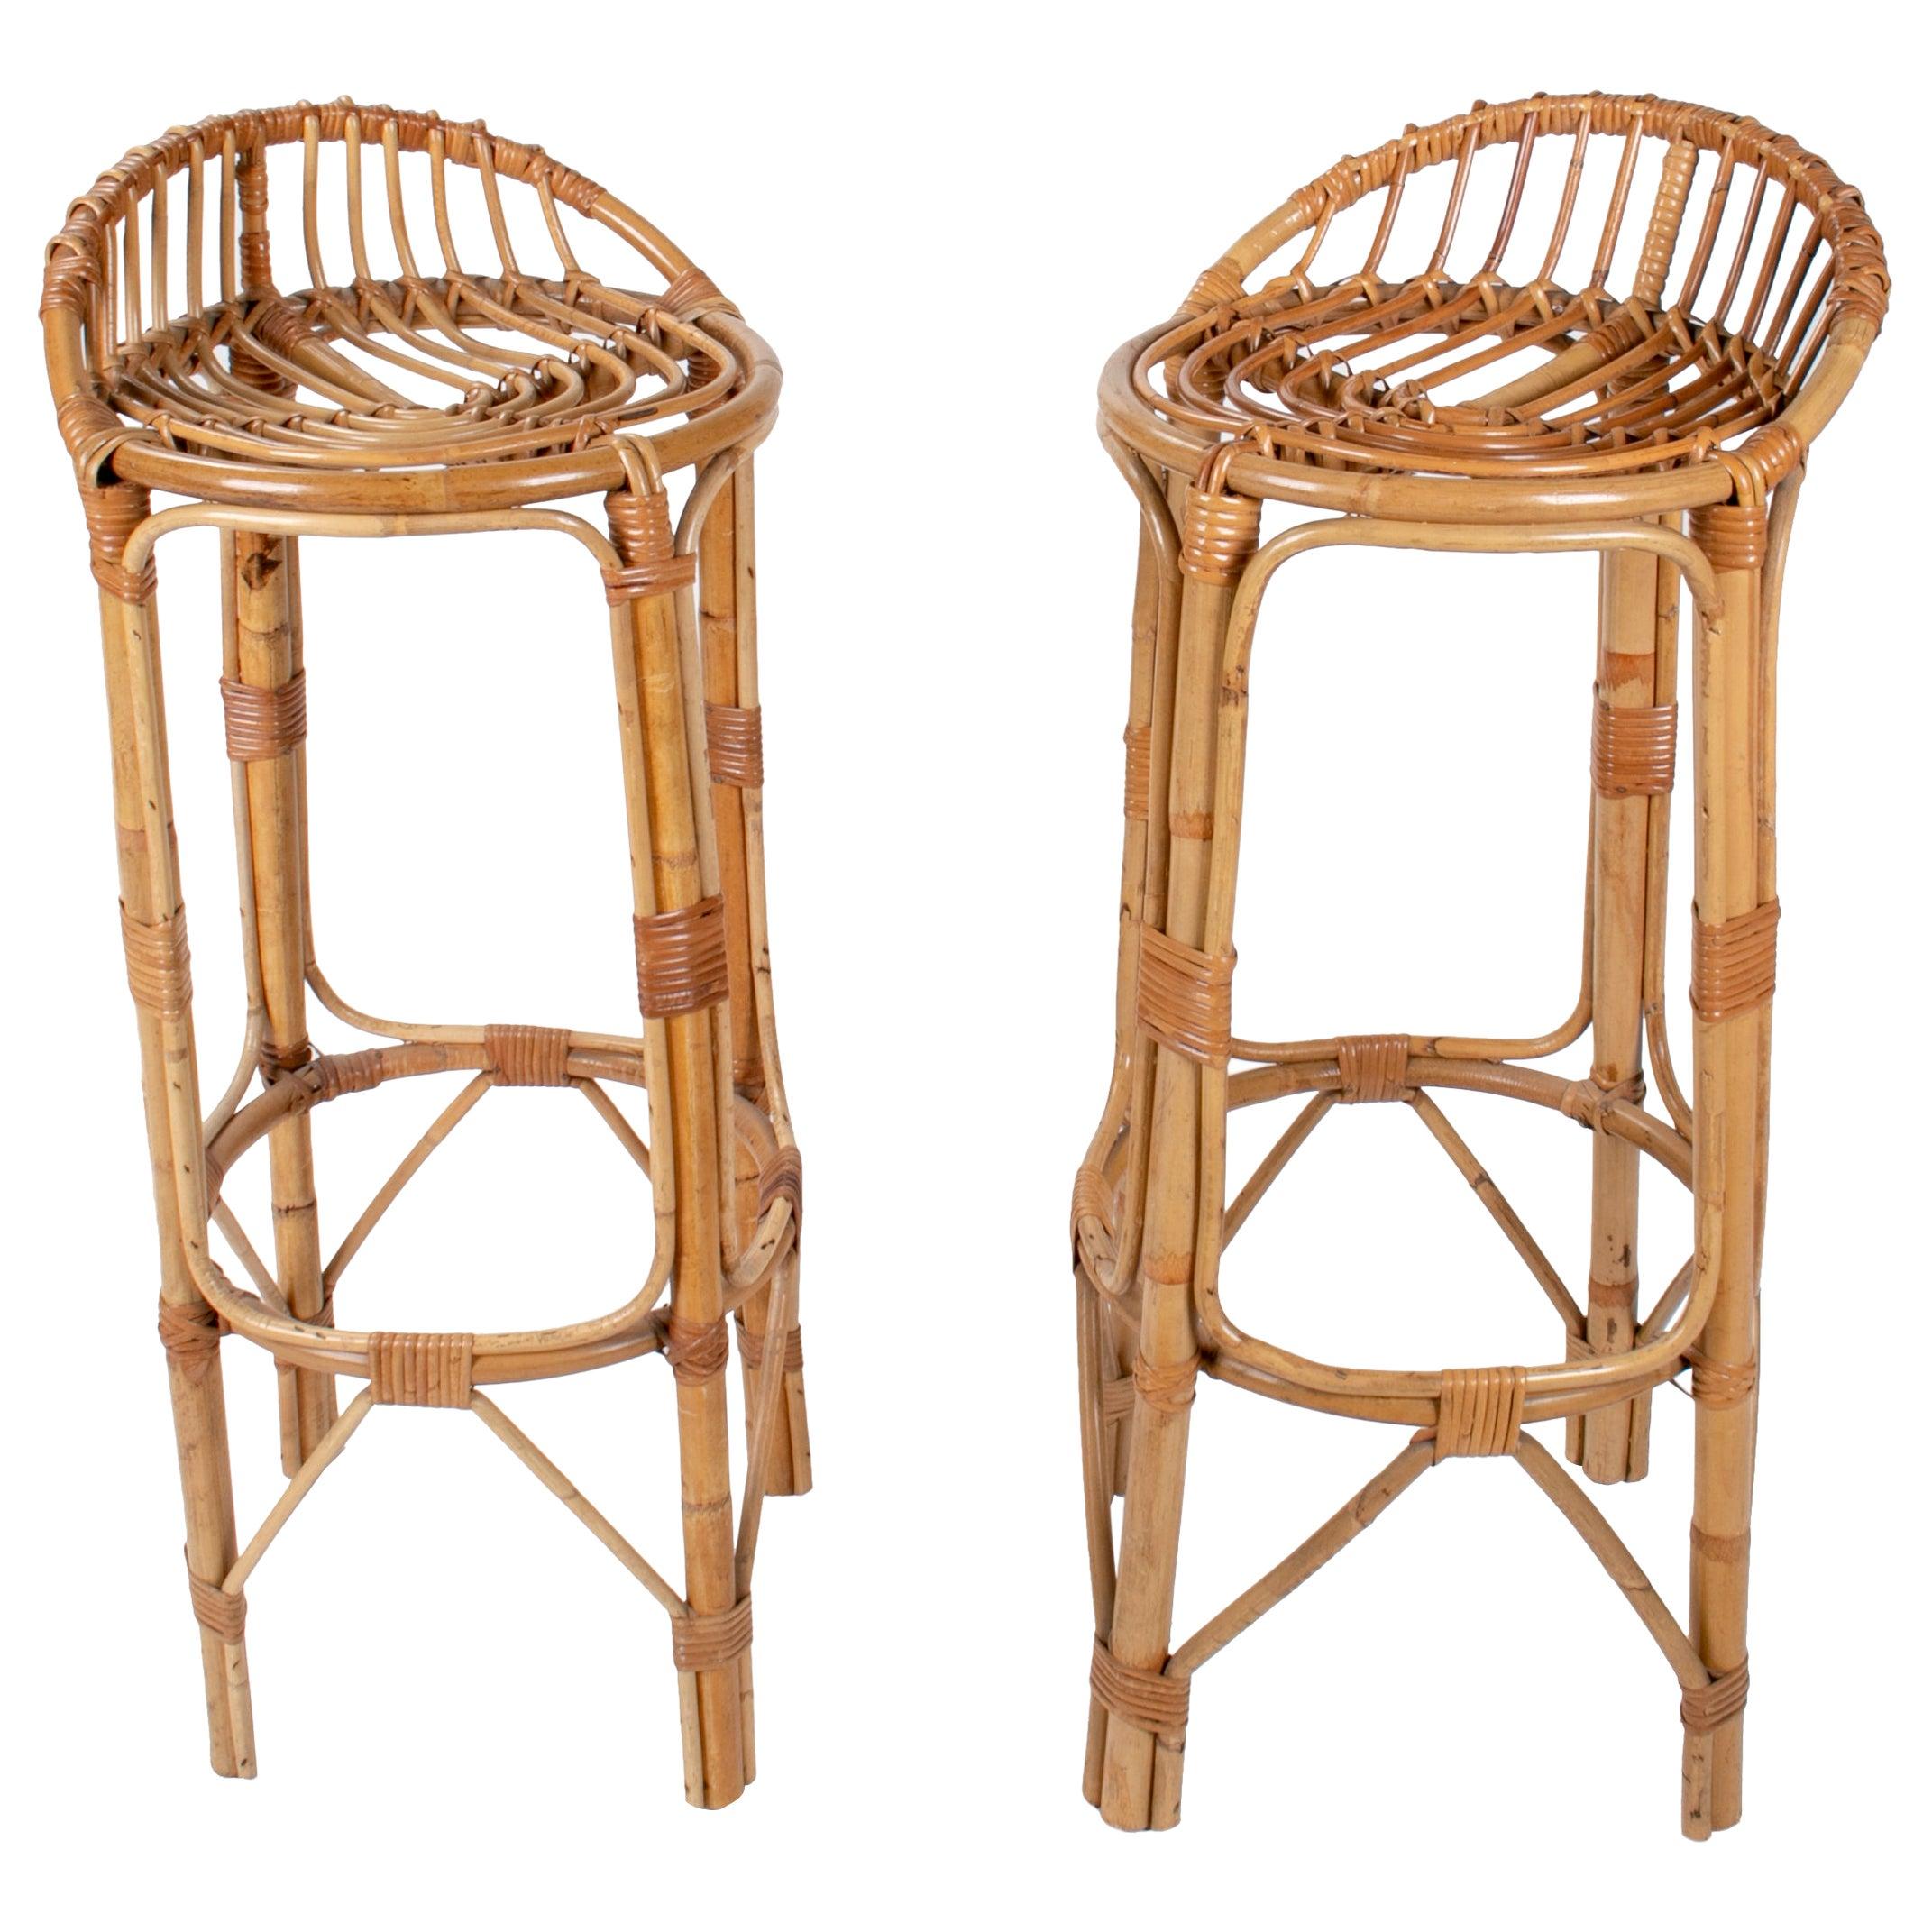 1970s Spanish Handmade Pair of Wicker and Bamboo Stools